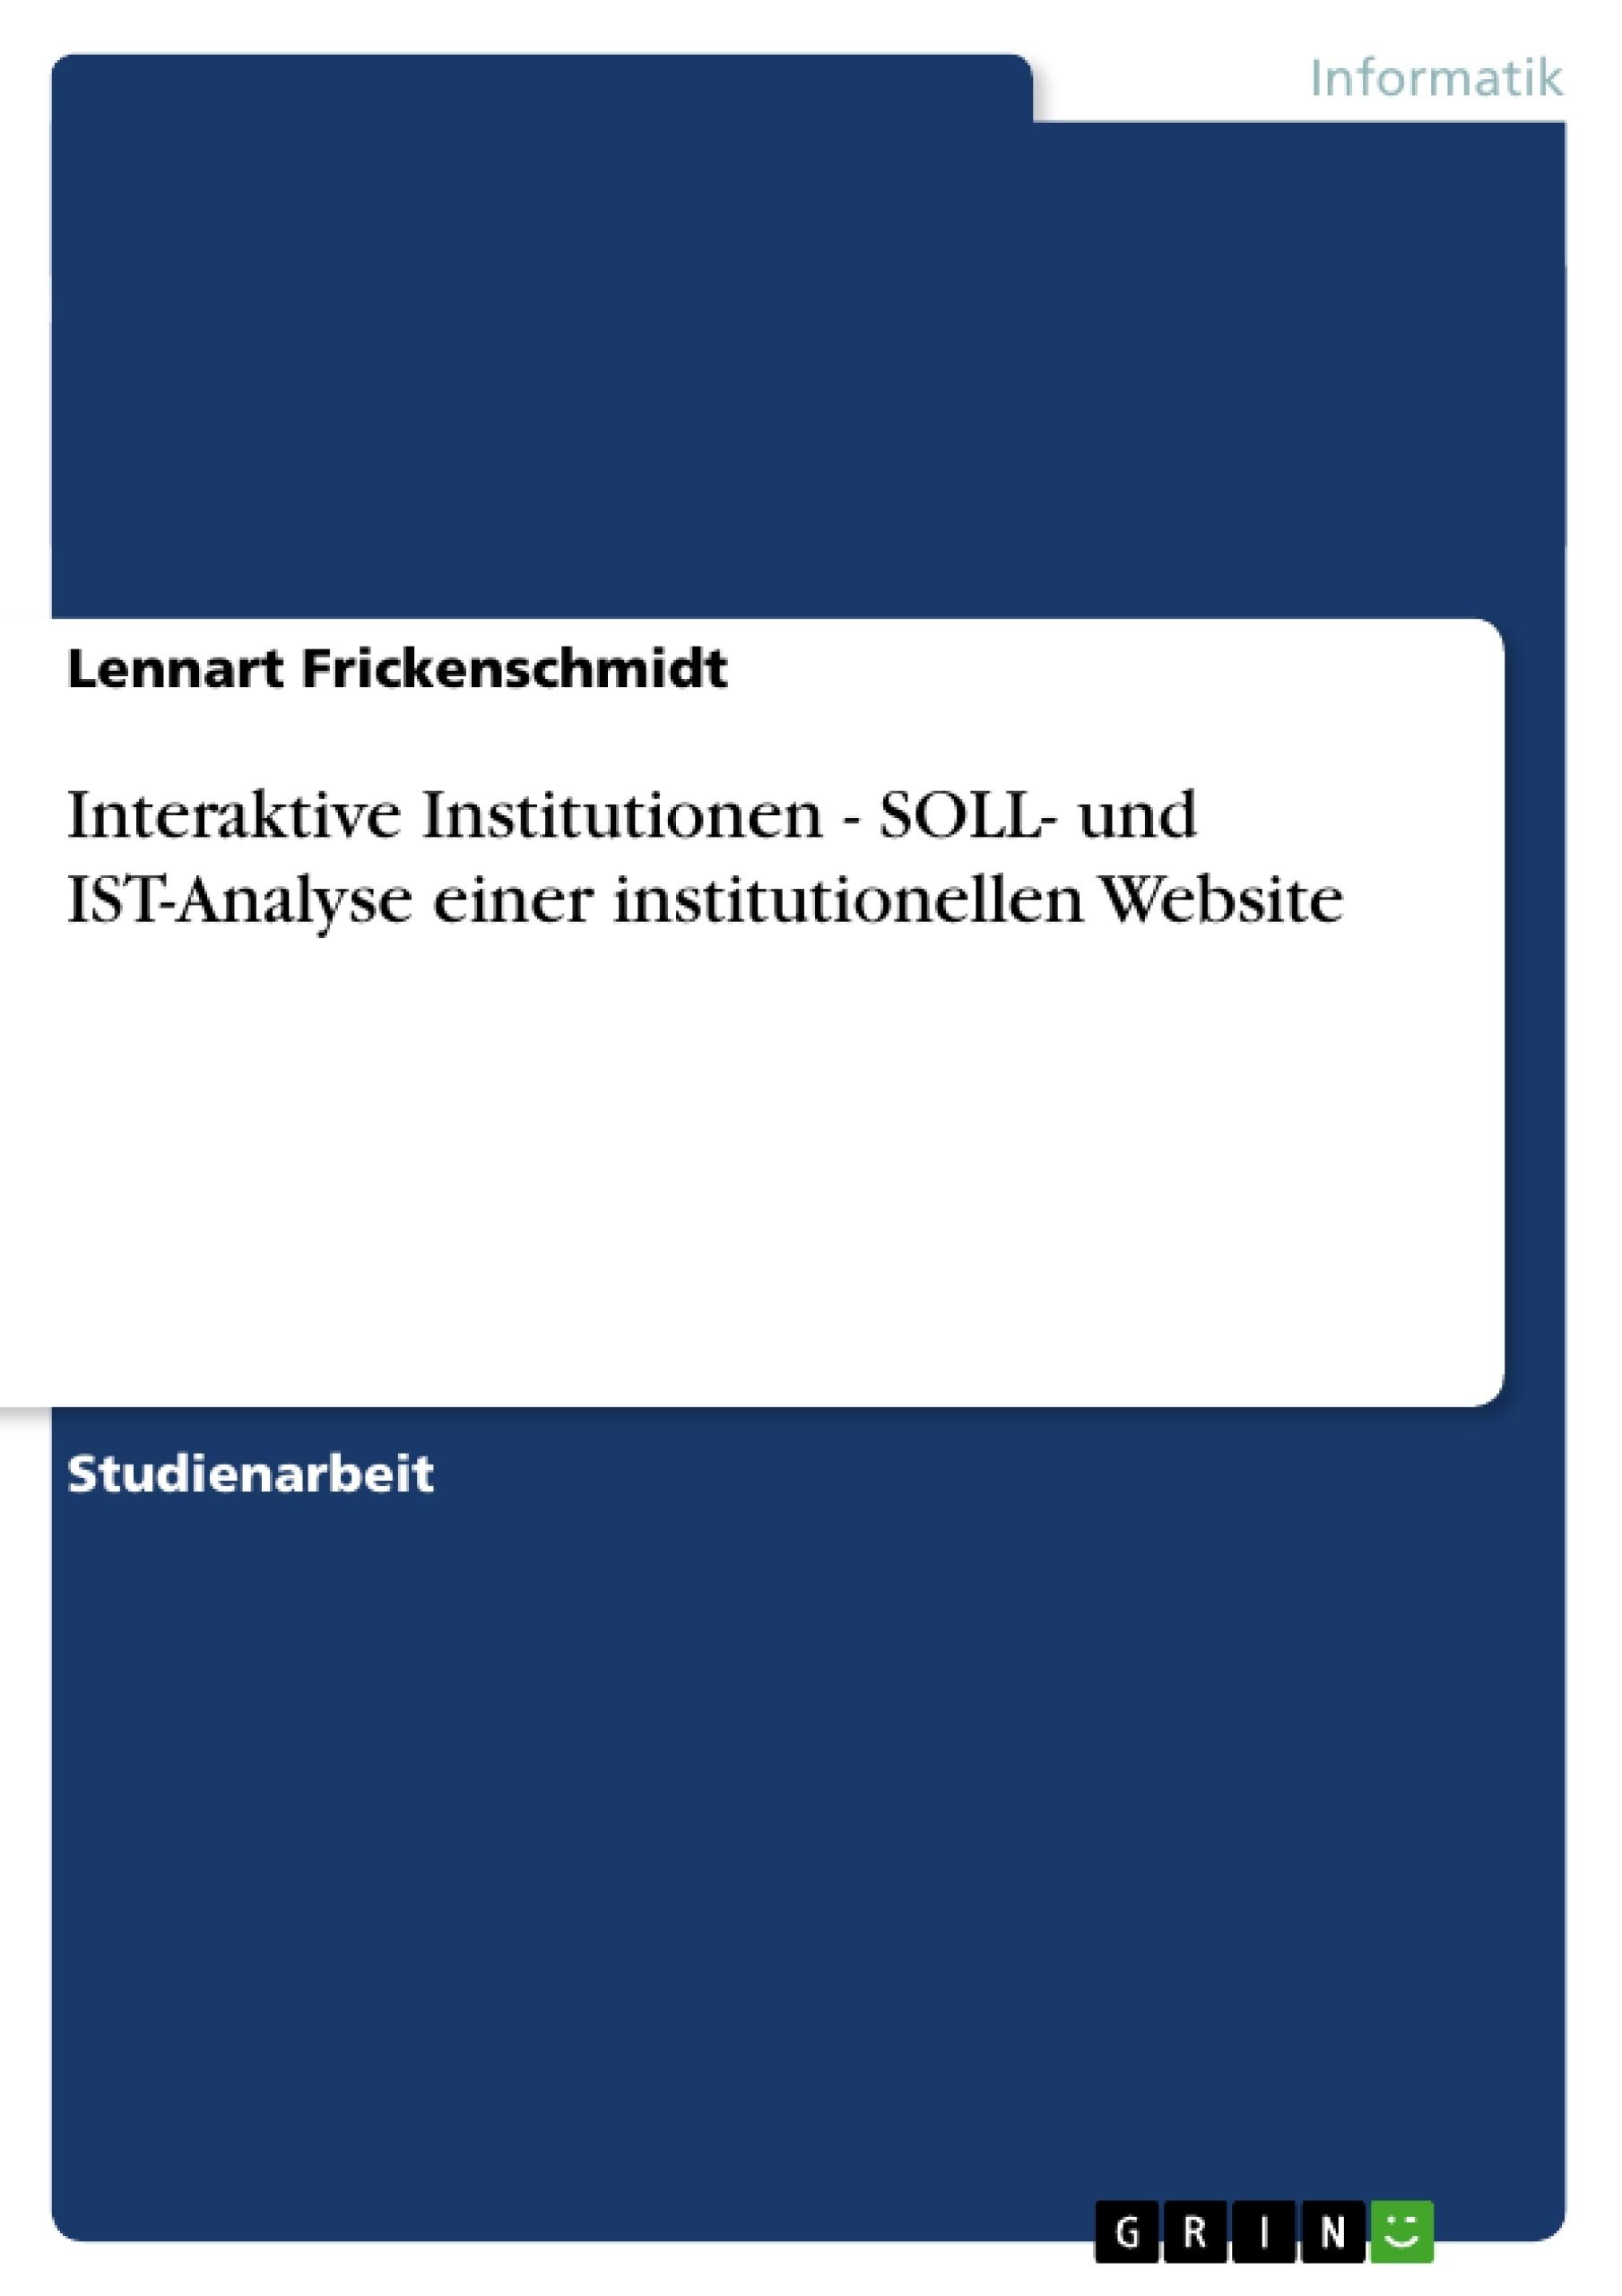 Titel: Interaktive Institutionen - SOLL- und IST-Analyse einer institutionellen Website